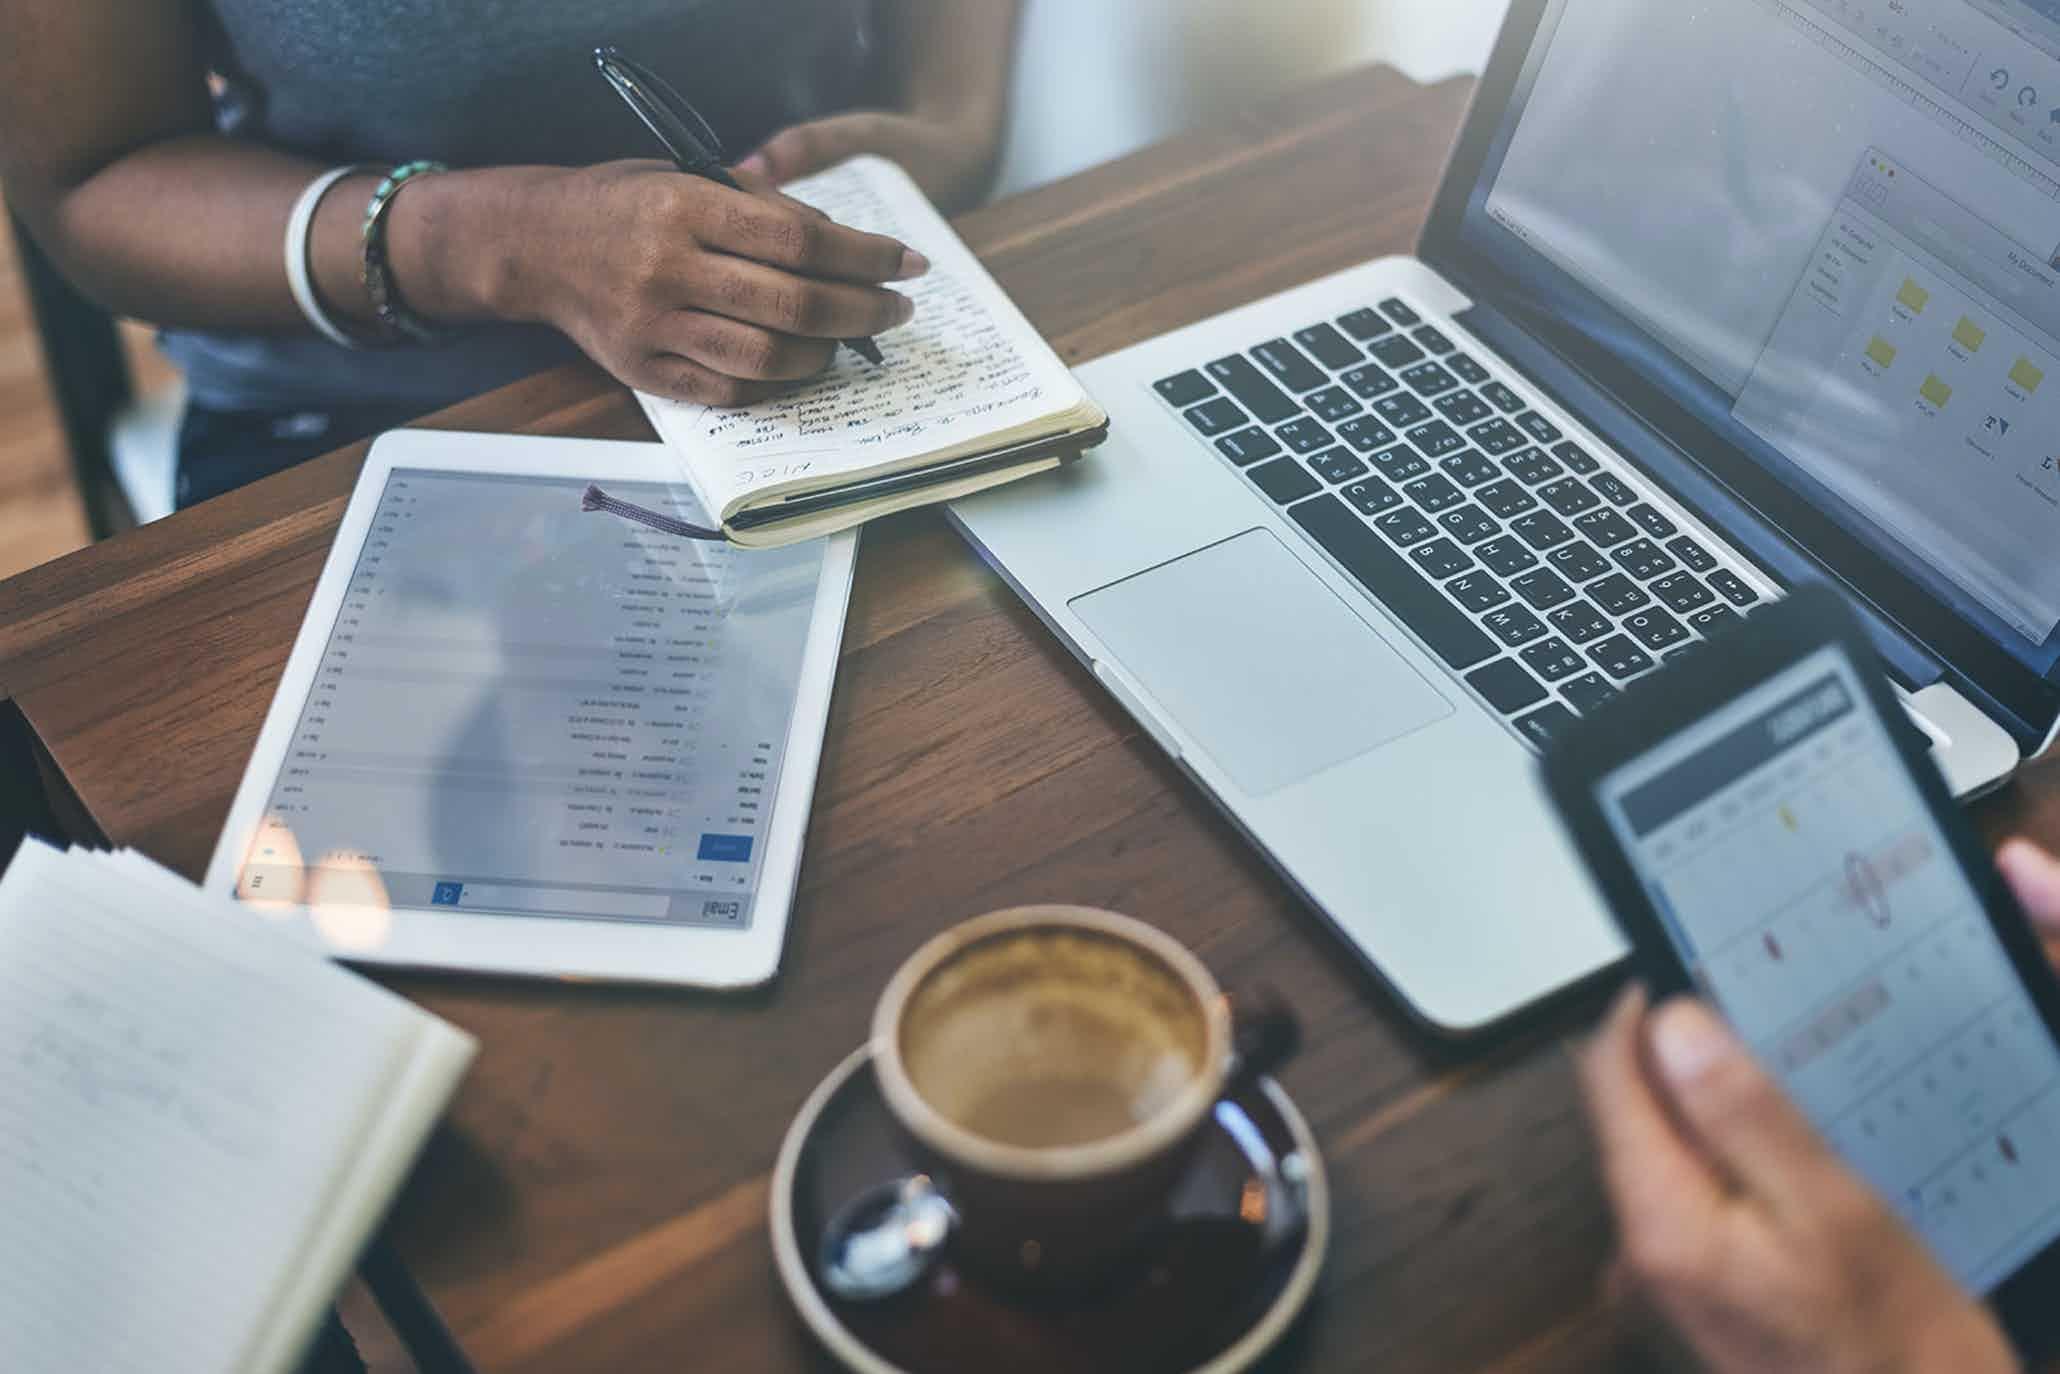 آموزش 15 ترفند برای کسب در آمد اینترنتی و آنلاین